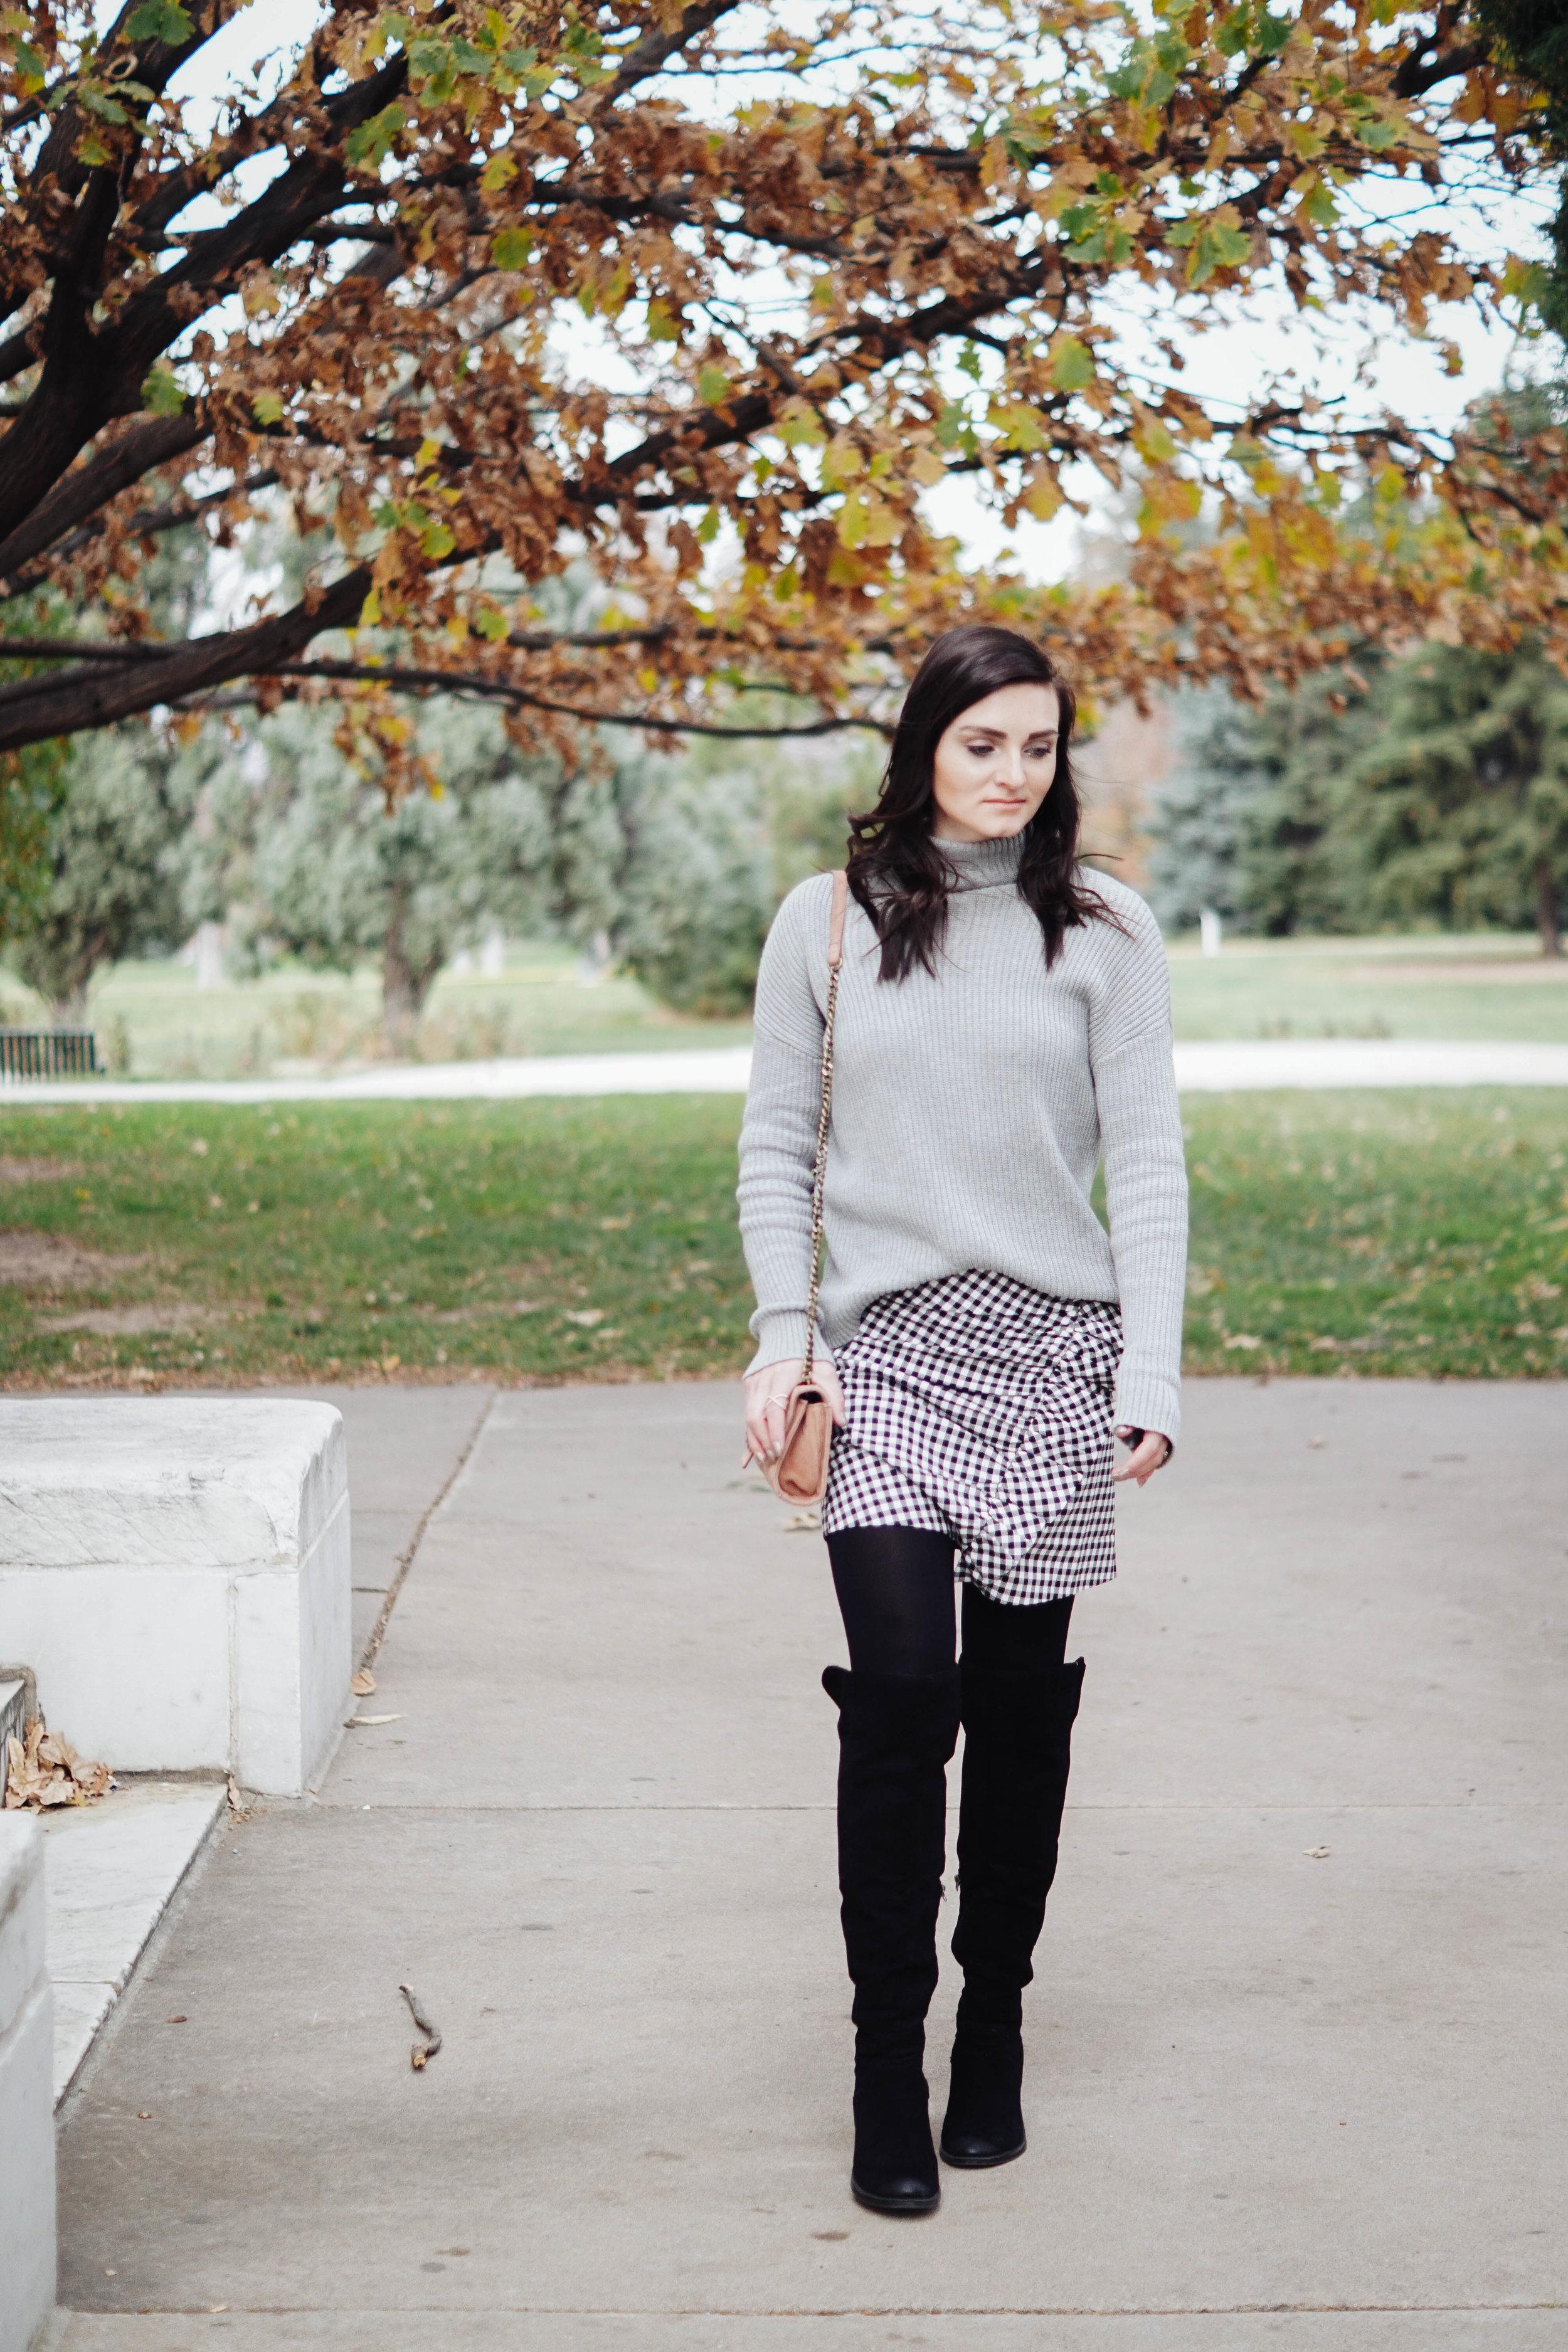 BP Mock Neck Sweater  //  Zara Skirt  //  OTK Boots  //  Bag